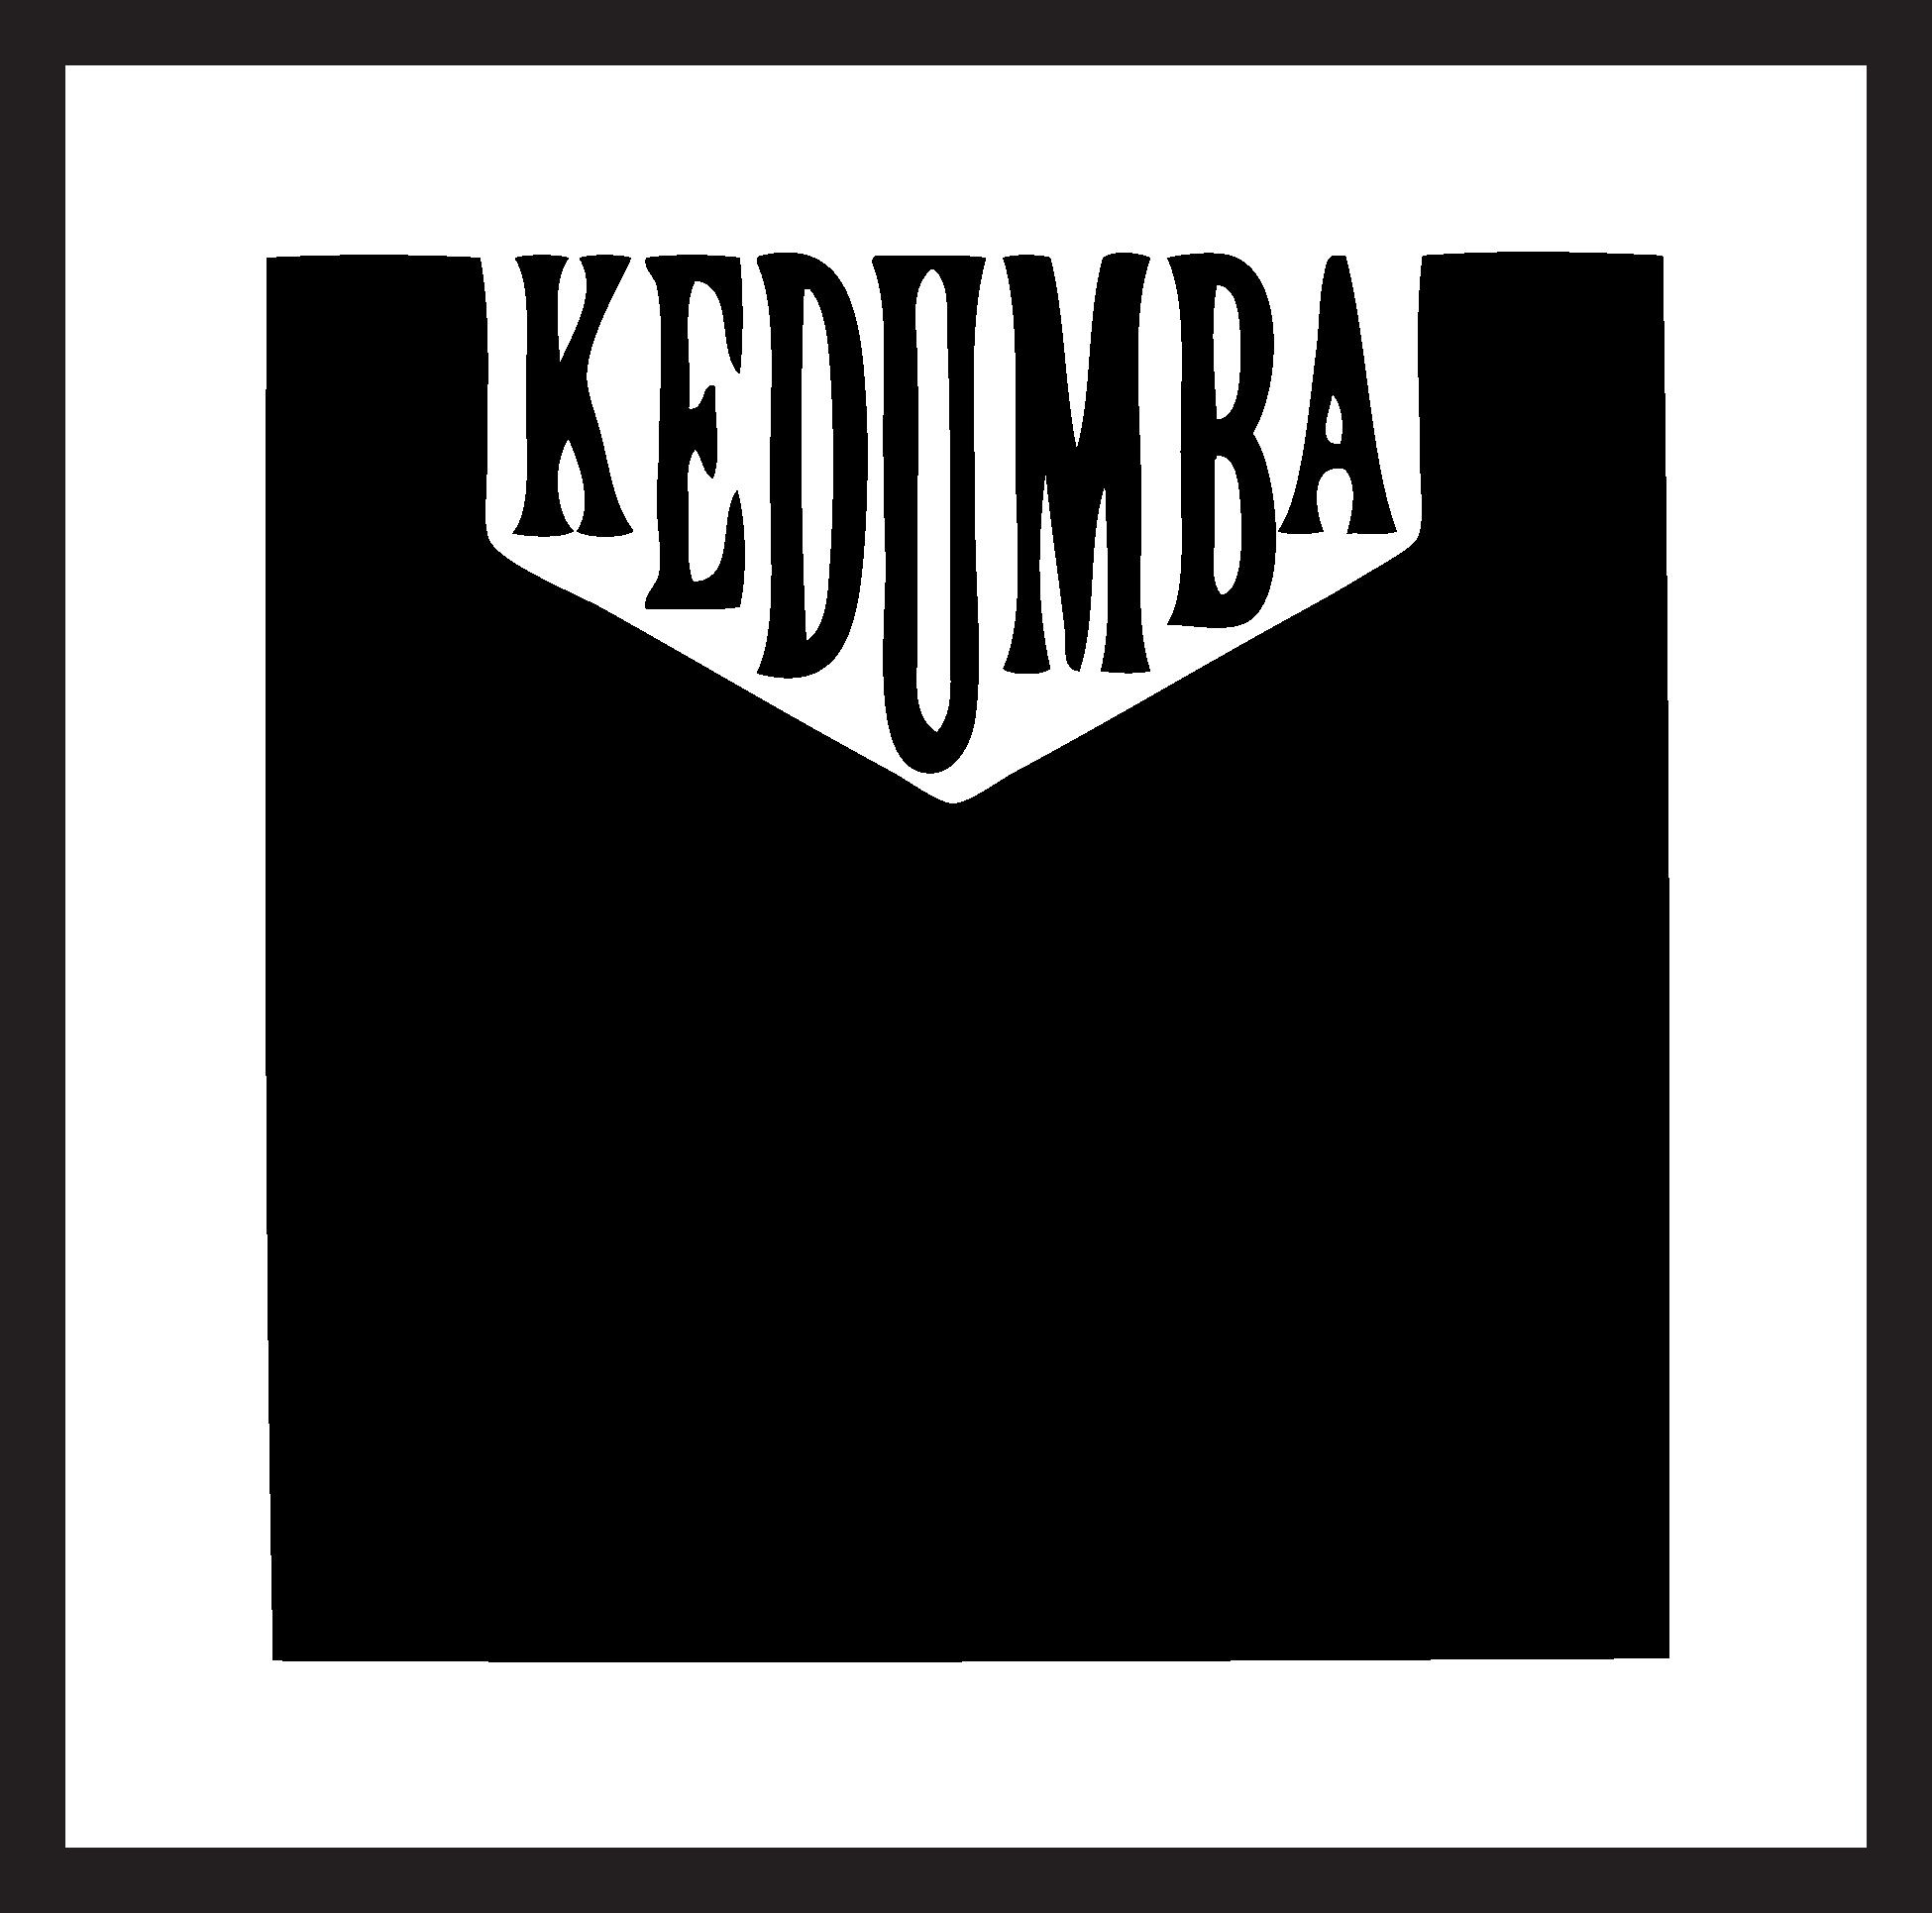 Kedumba Logo